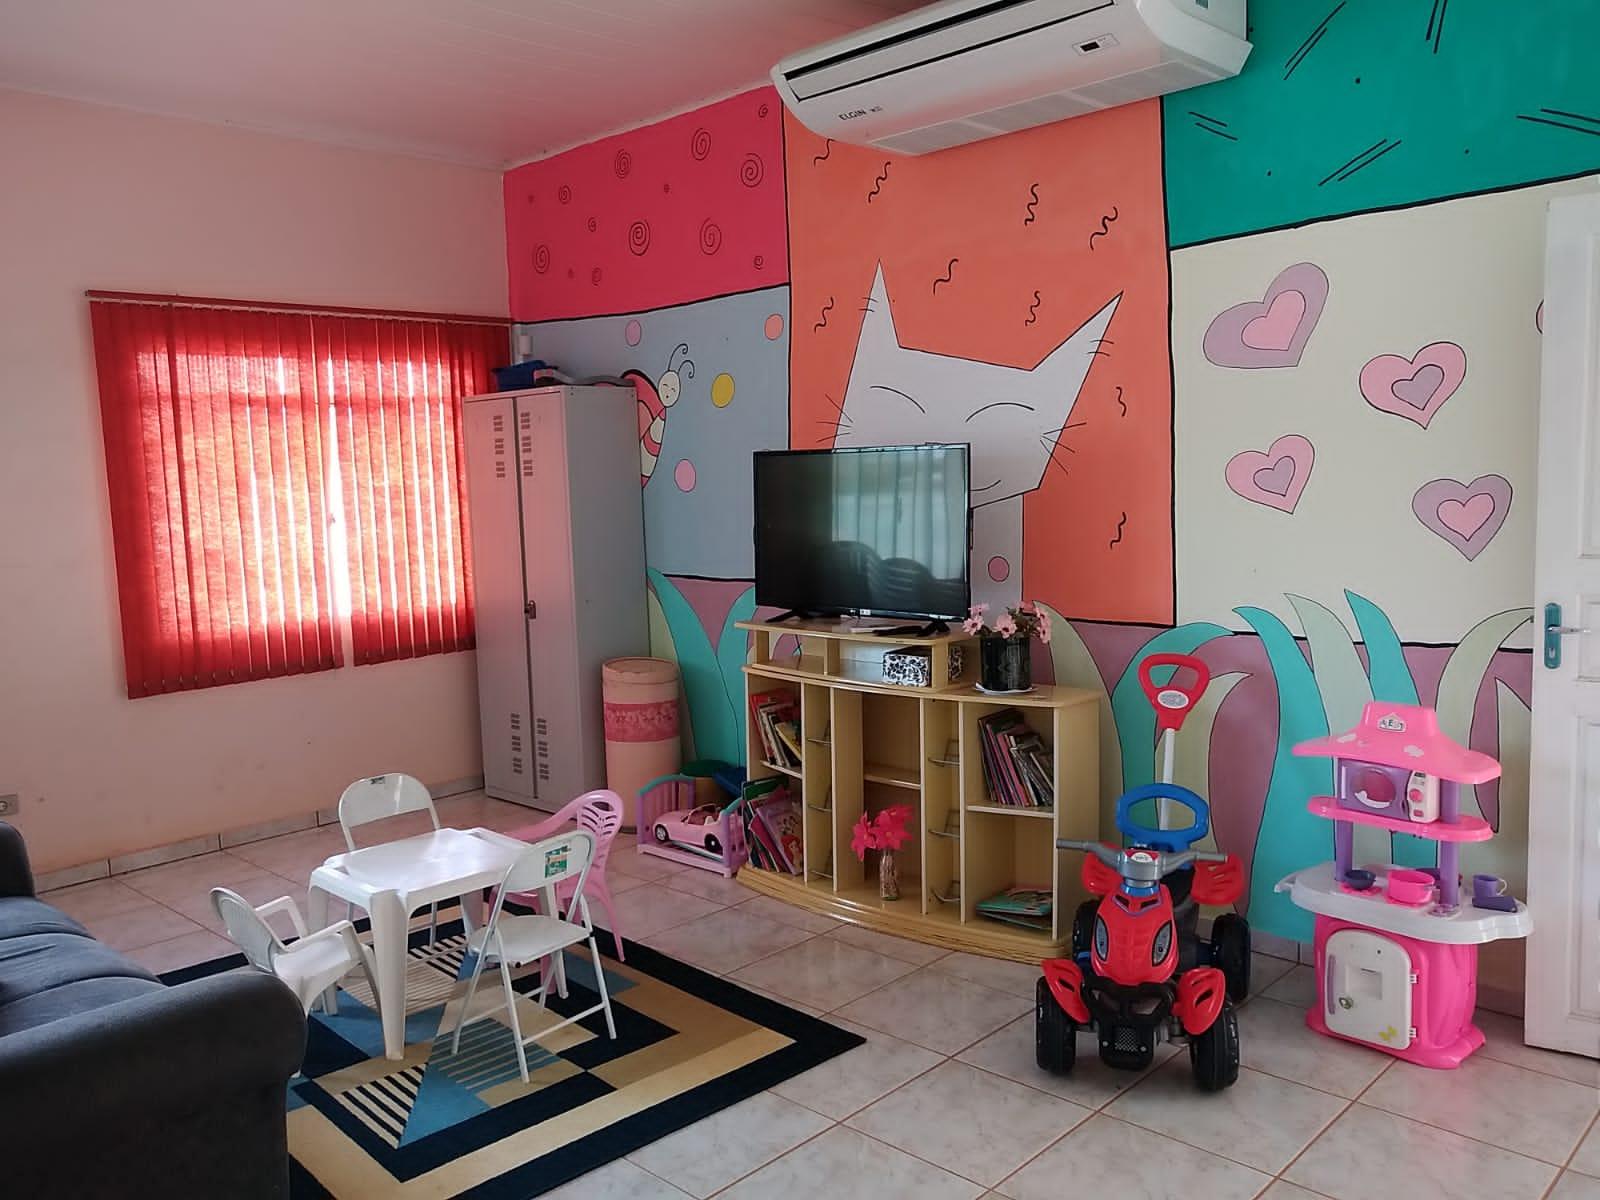 Prefeitura divulga o Serviço de Atendimento Especializado à Criança e ao Adolescente (Saeca)